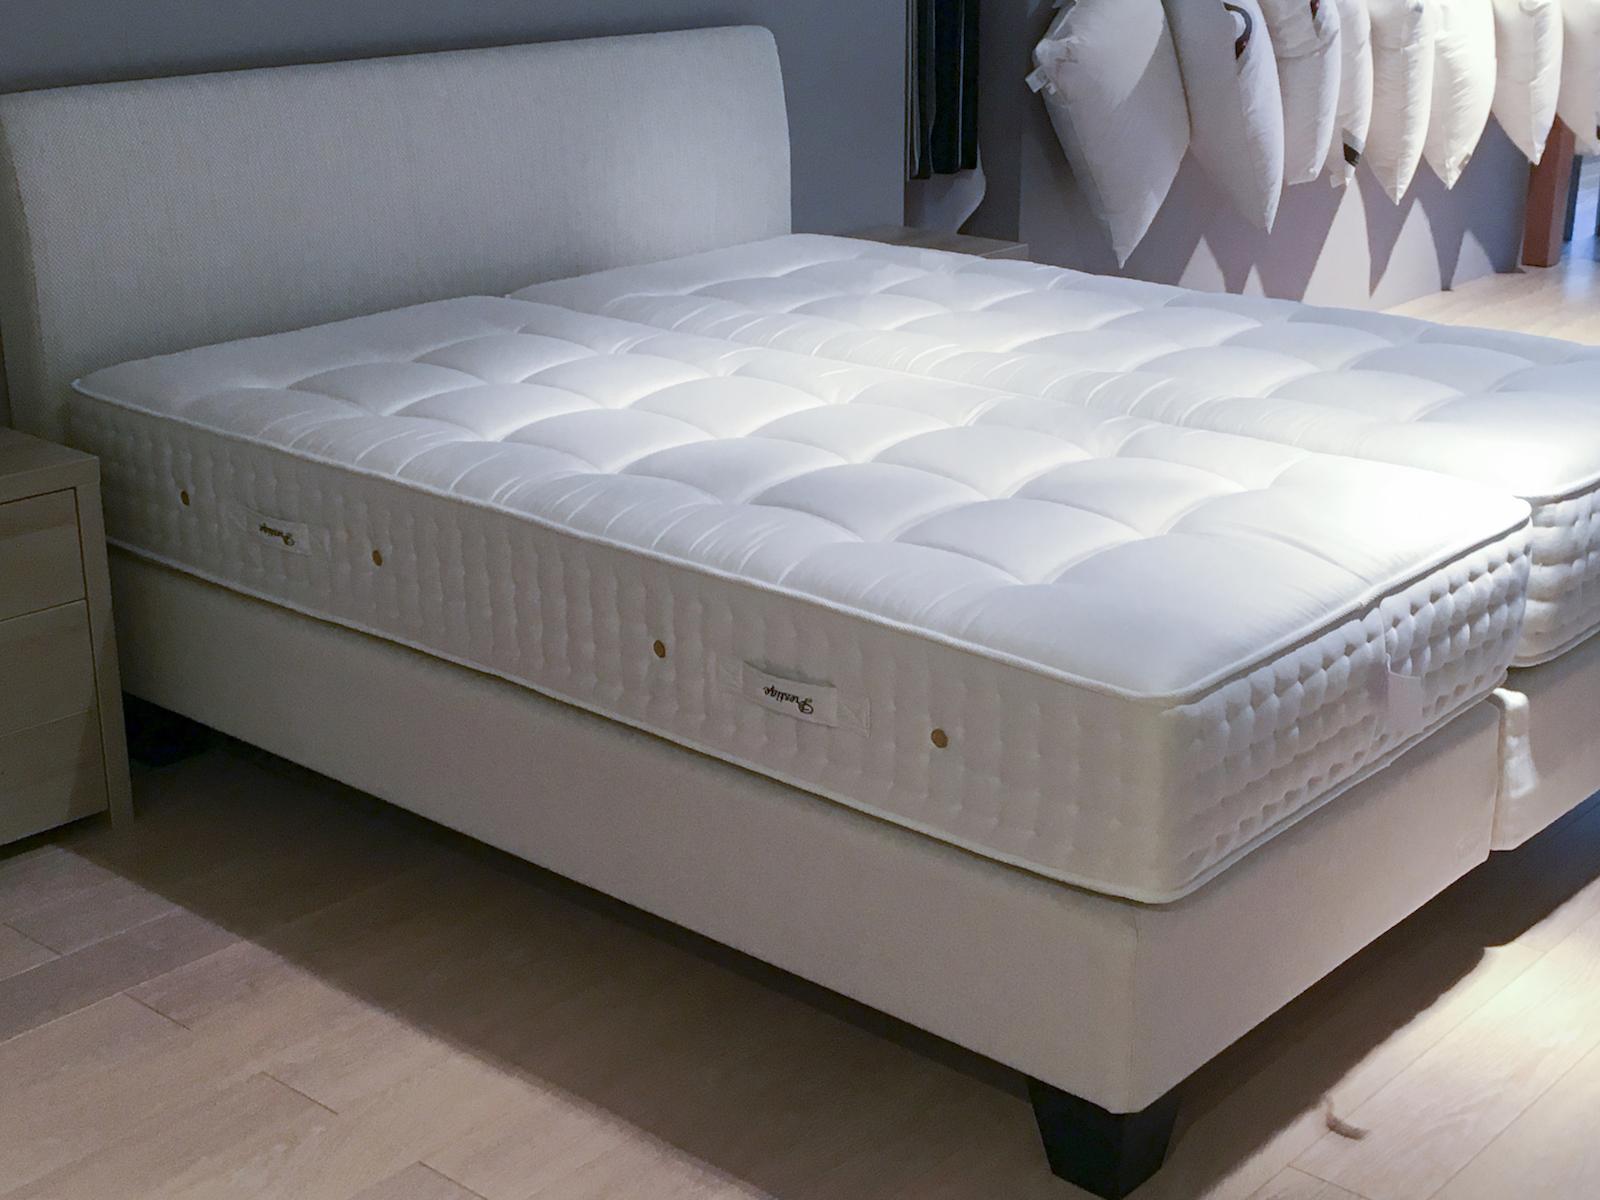 Pullman Matras Aanbieding : Showroomkorting op een jensen bed met matrassen de slaperij